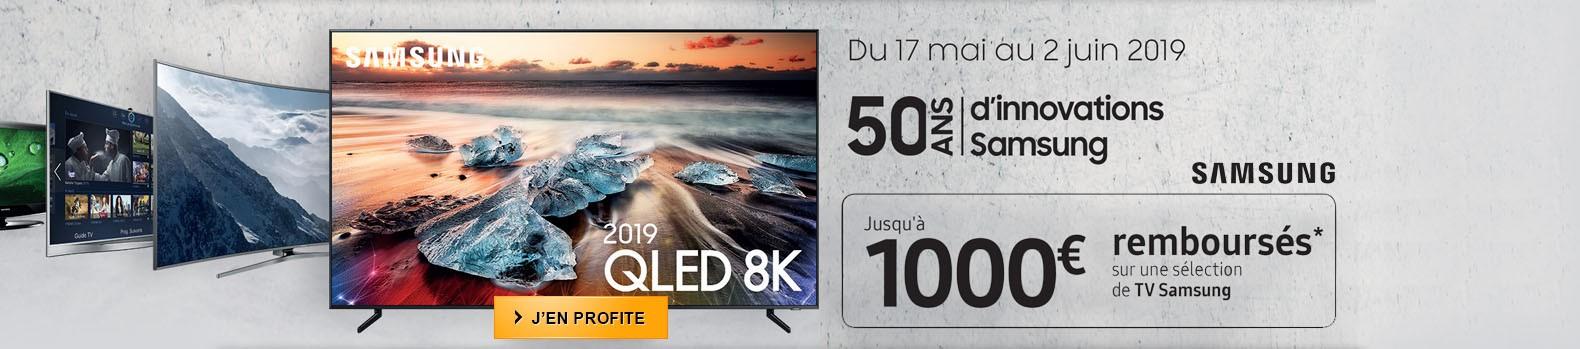 Jusqu'à 1000€ remboursés pour l'achat d'un téléviseur QLED Samsung